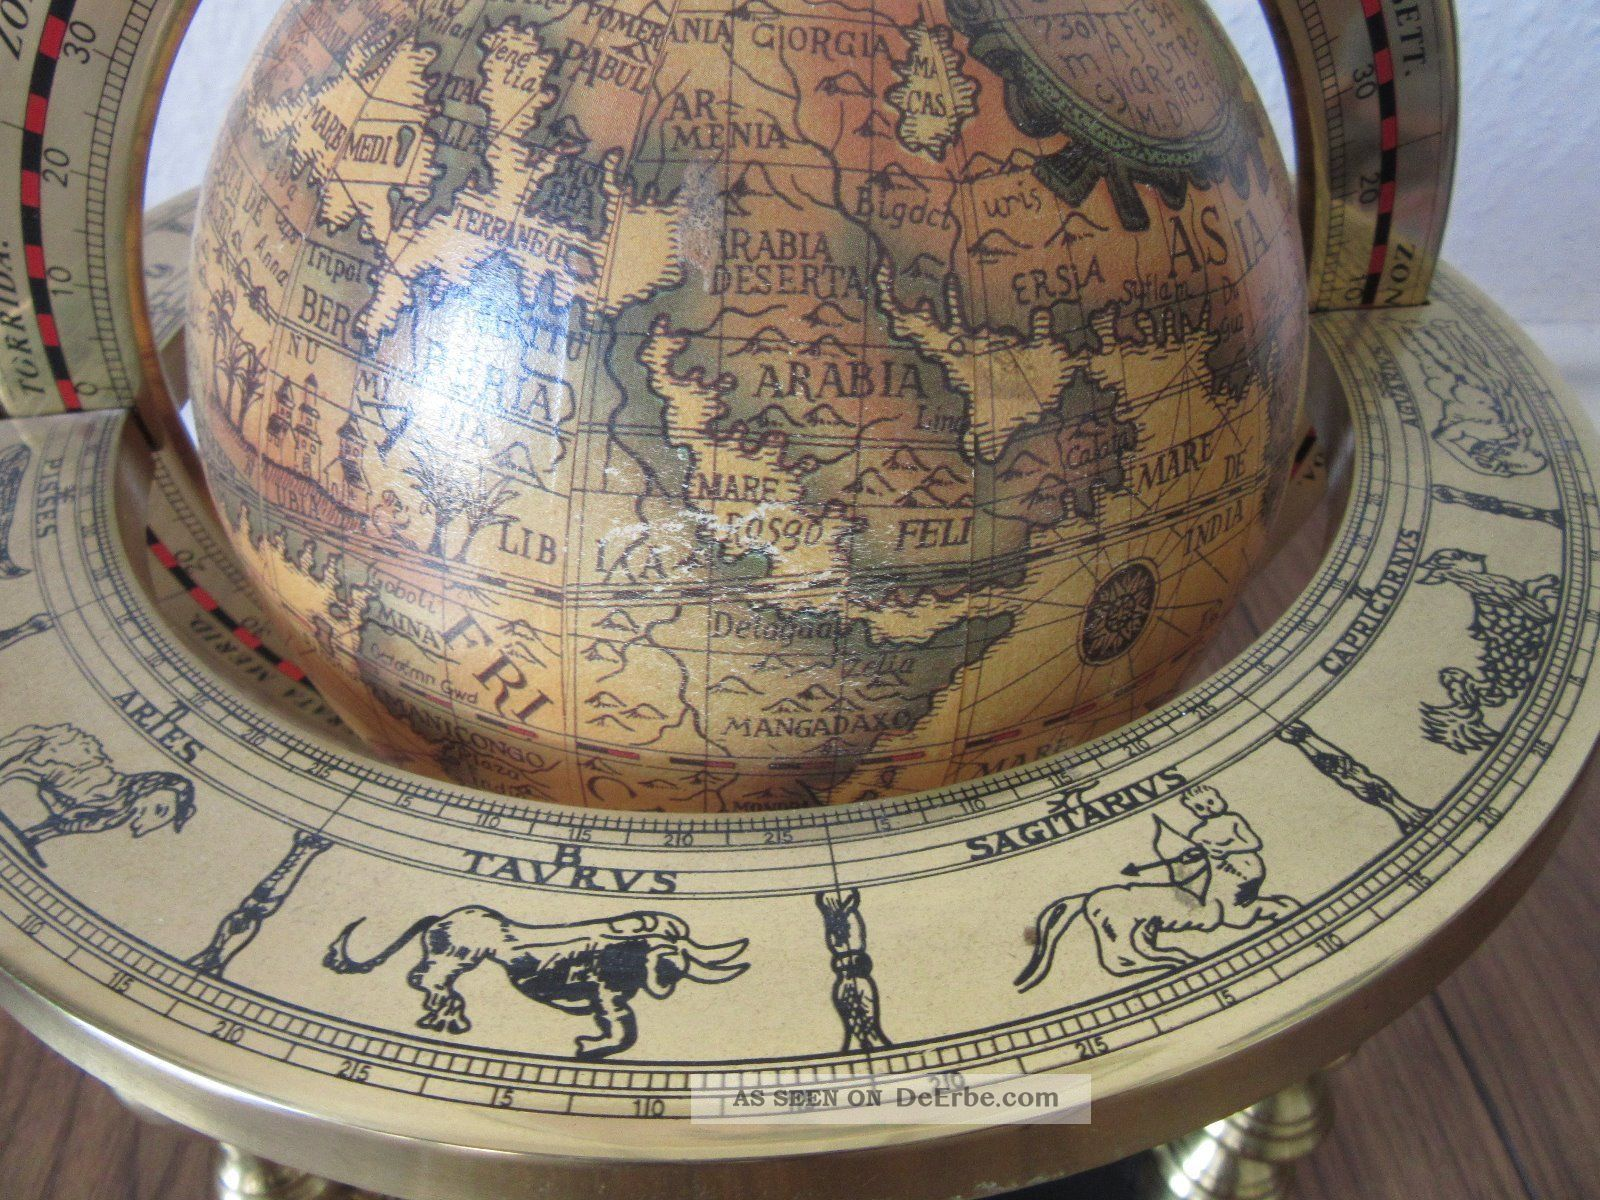 Globus Weltkugel Karte.Origineller Globus Weltkugel Mit Antiker Karte Und Tierkreiszeichen